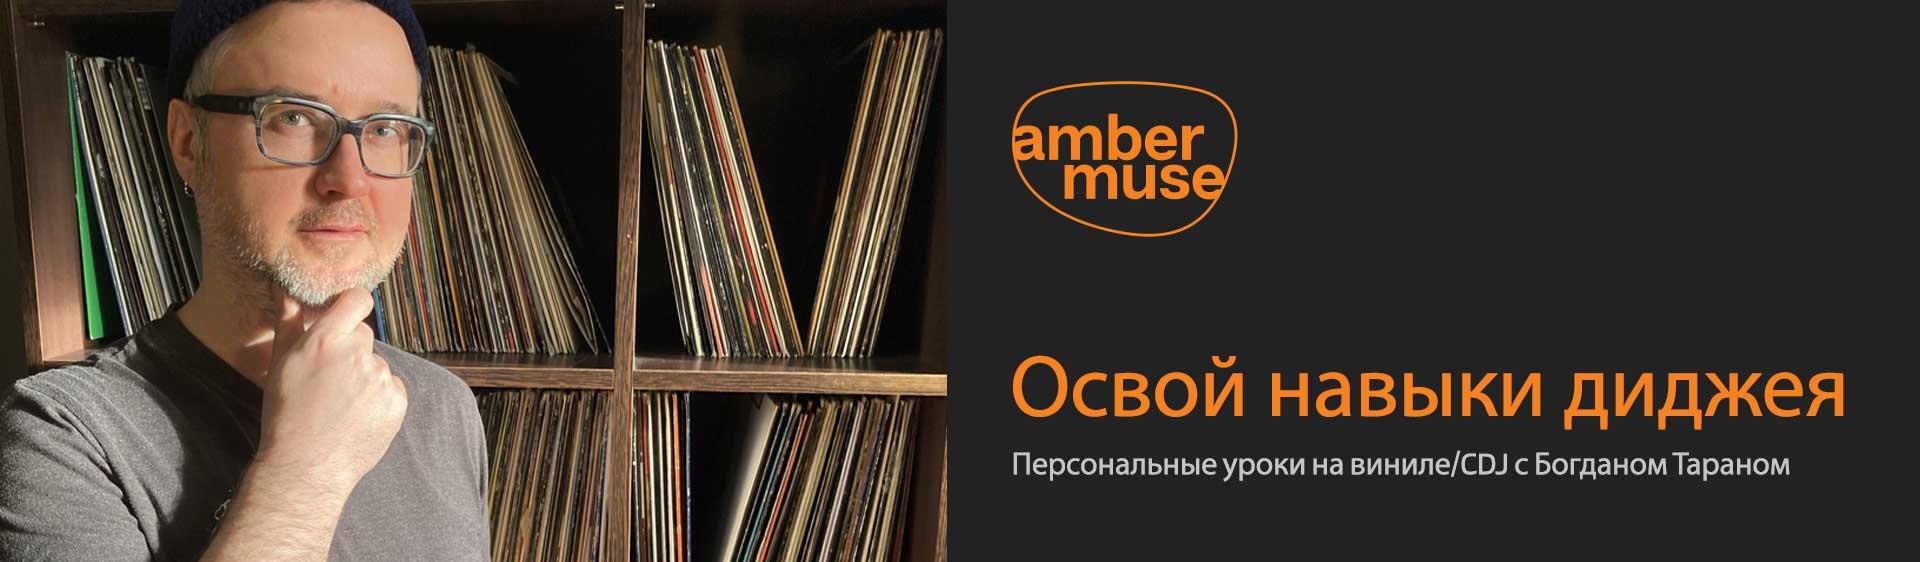 Amber Muse dj Class Header RU